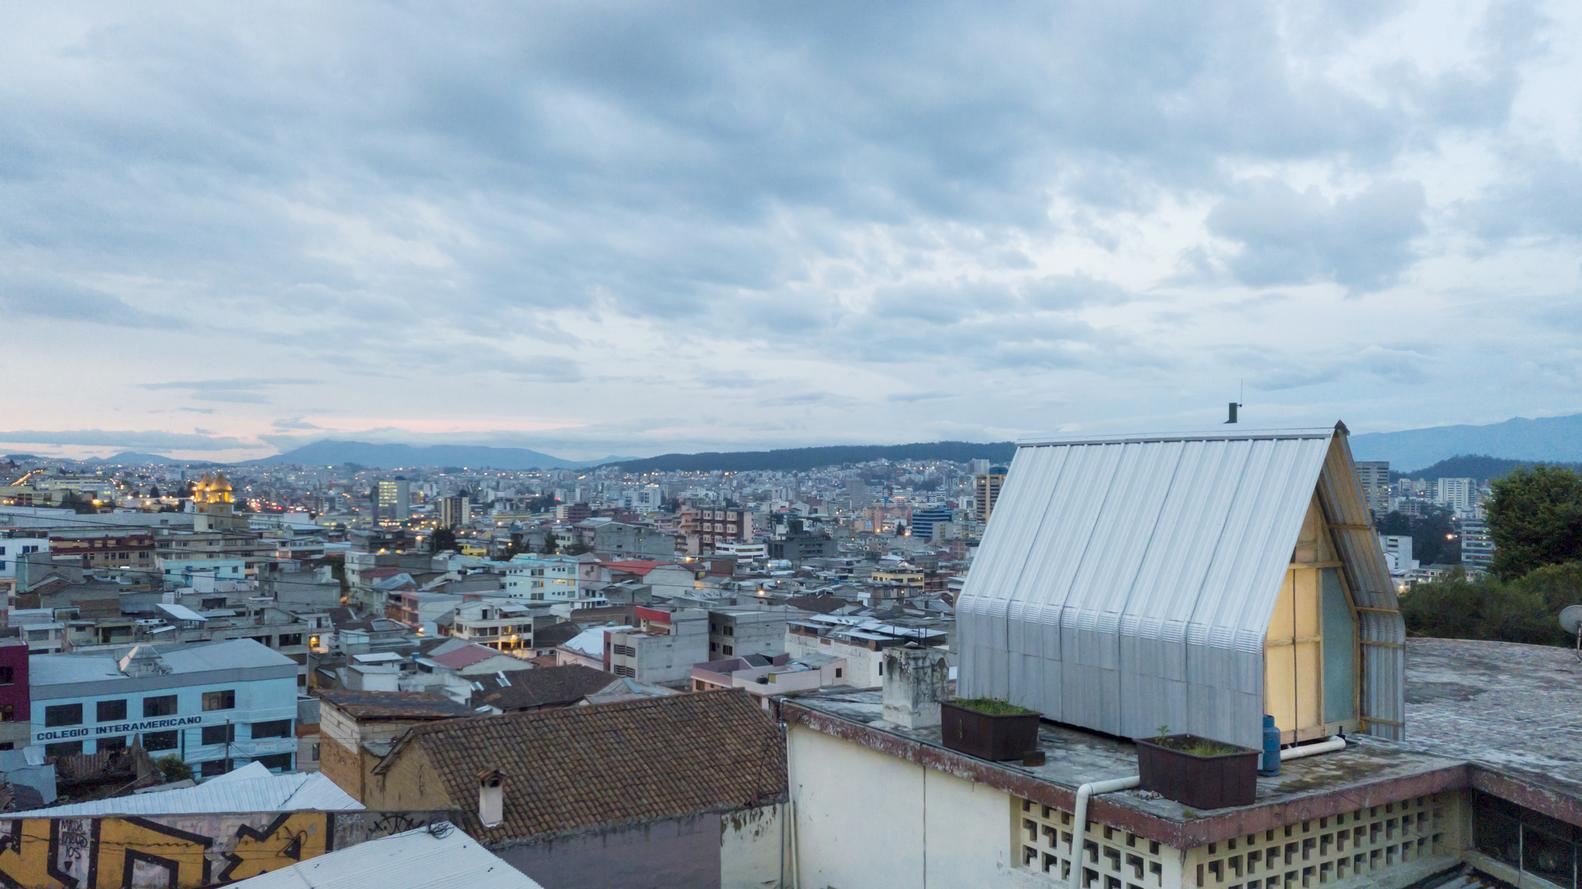 Casa parásito / El Sindicato Arquitectura